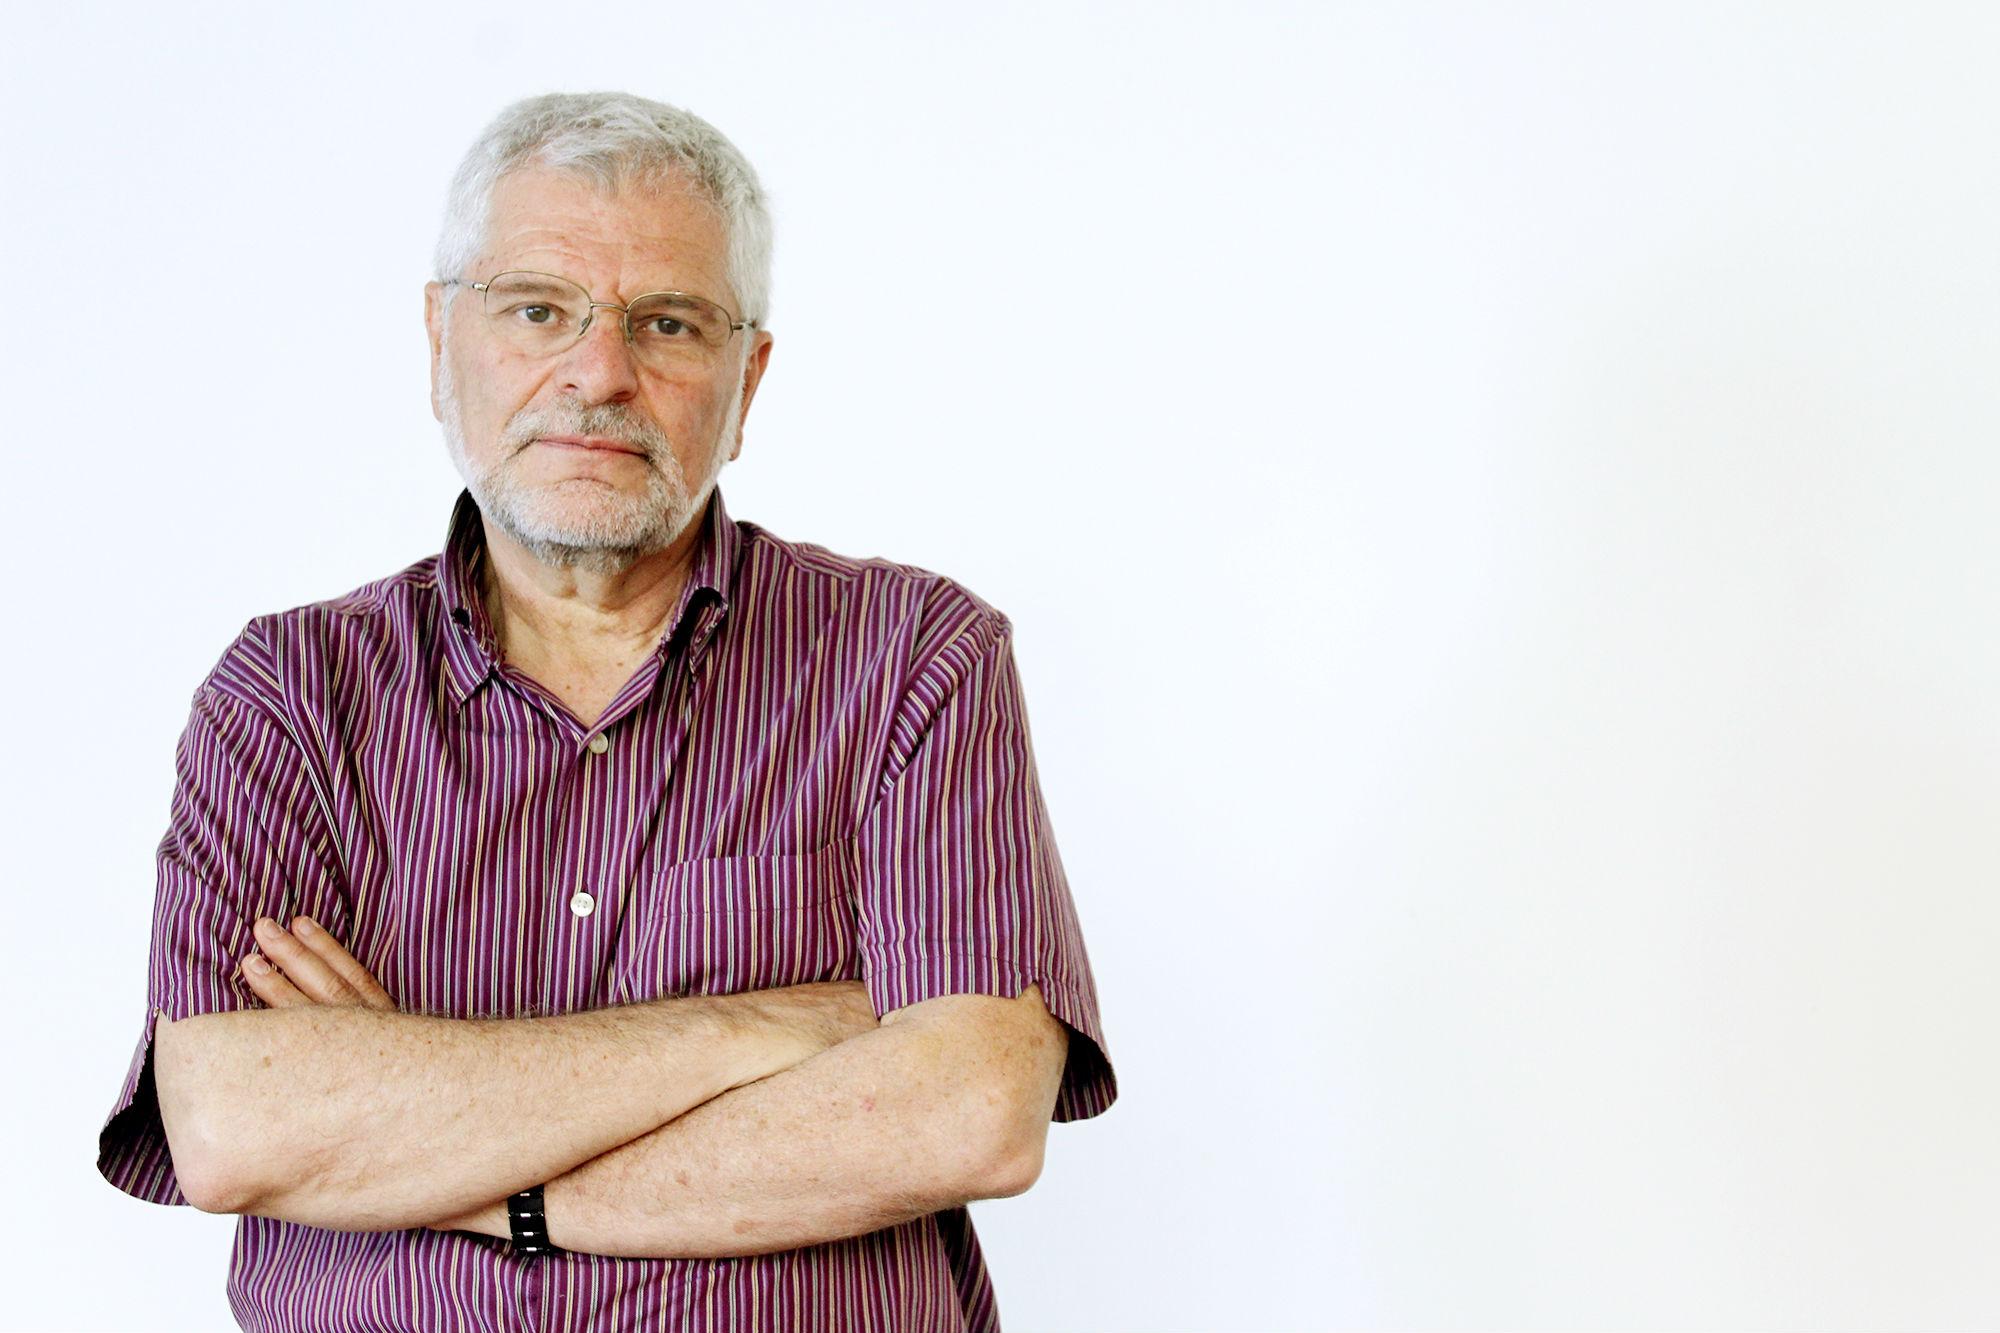 El maestro Juan Arturo Brennan seleccionará a los participantes el 24 de junio